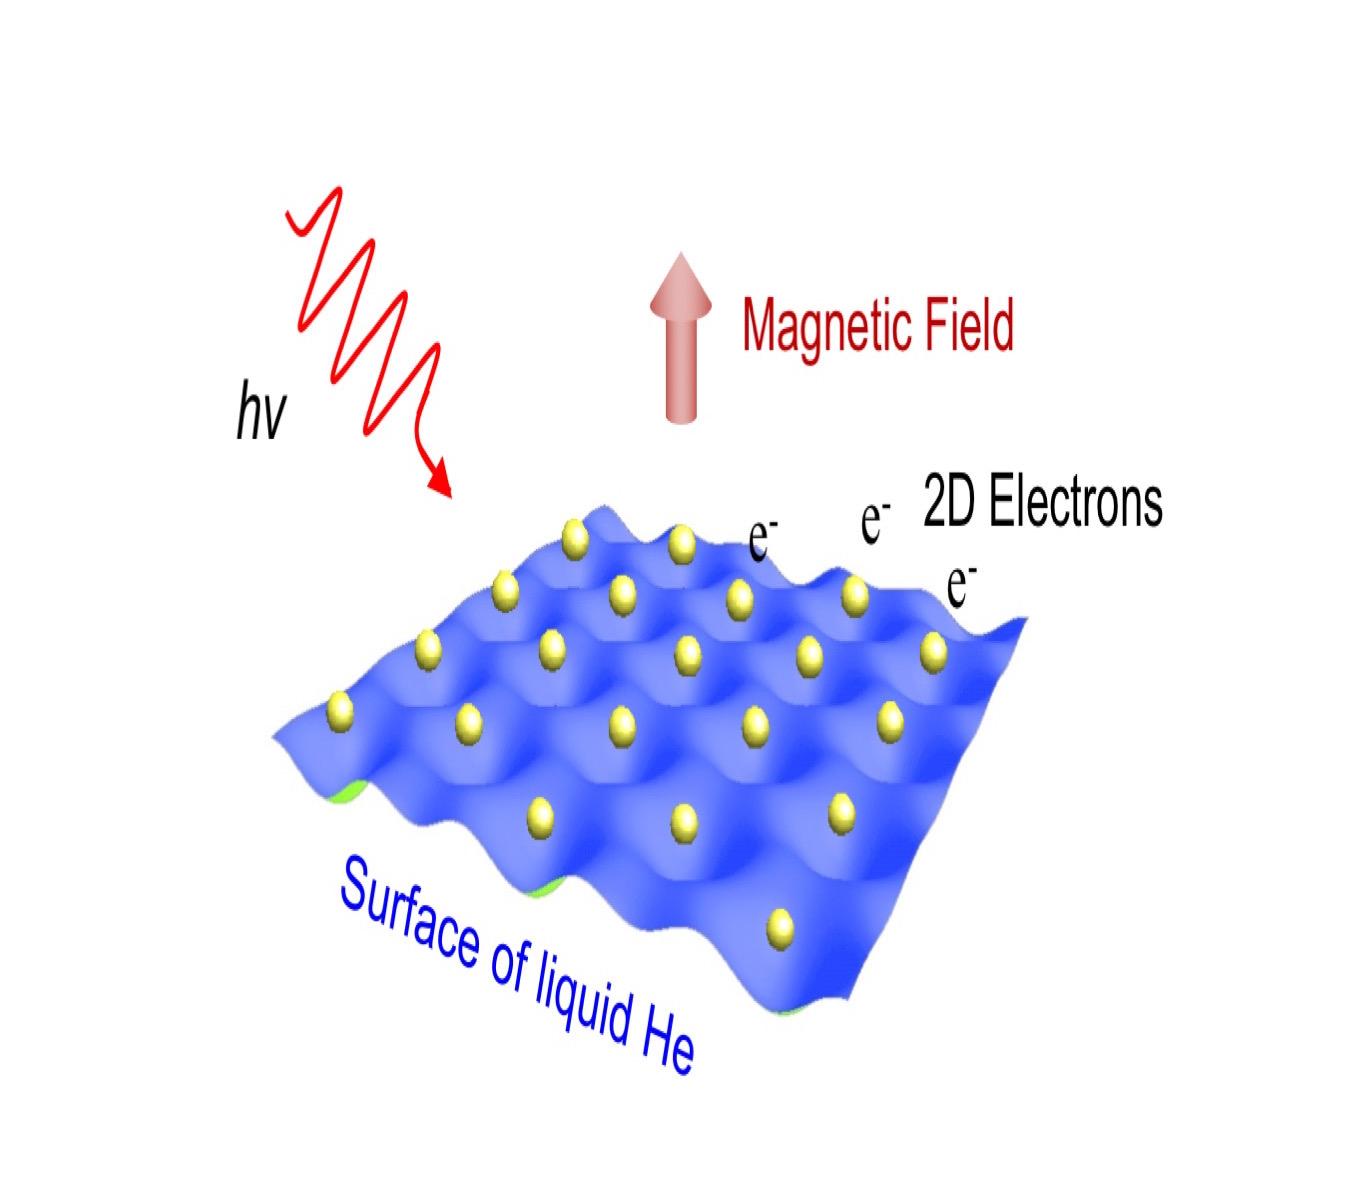 液体ヘリウム上の電子系実験の概略図